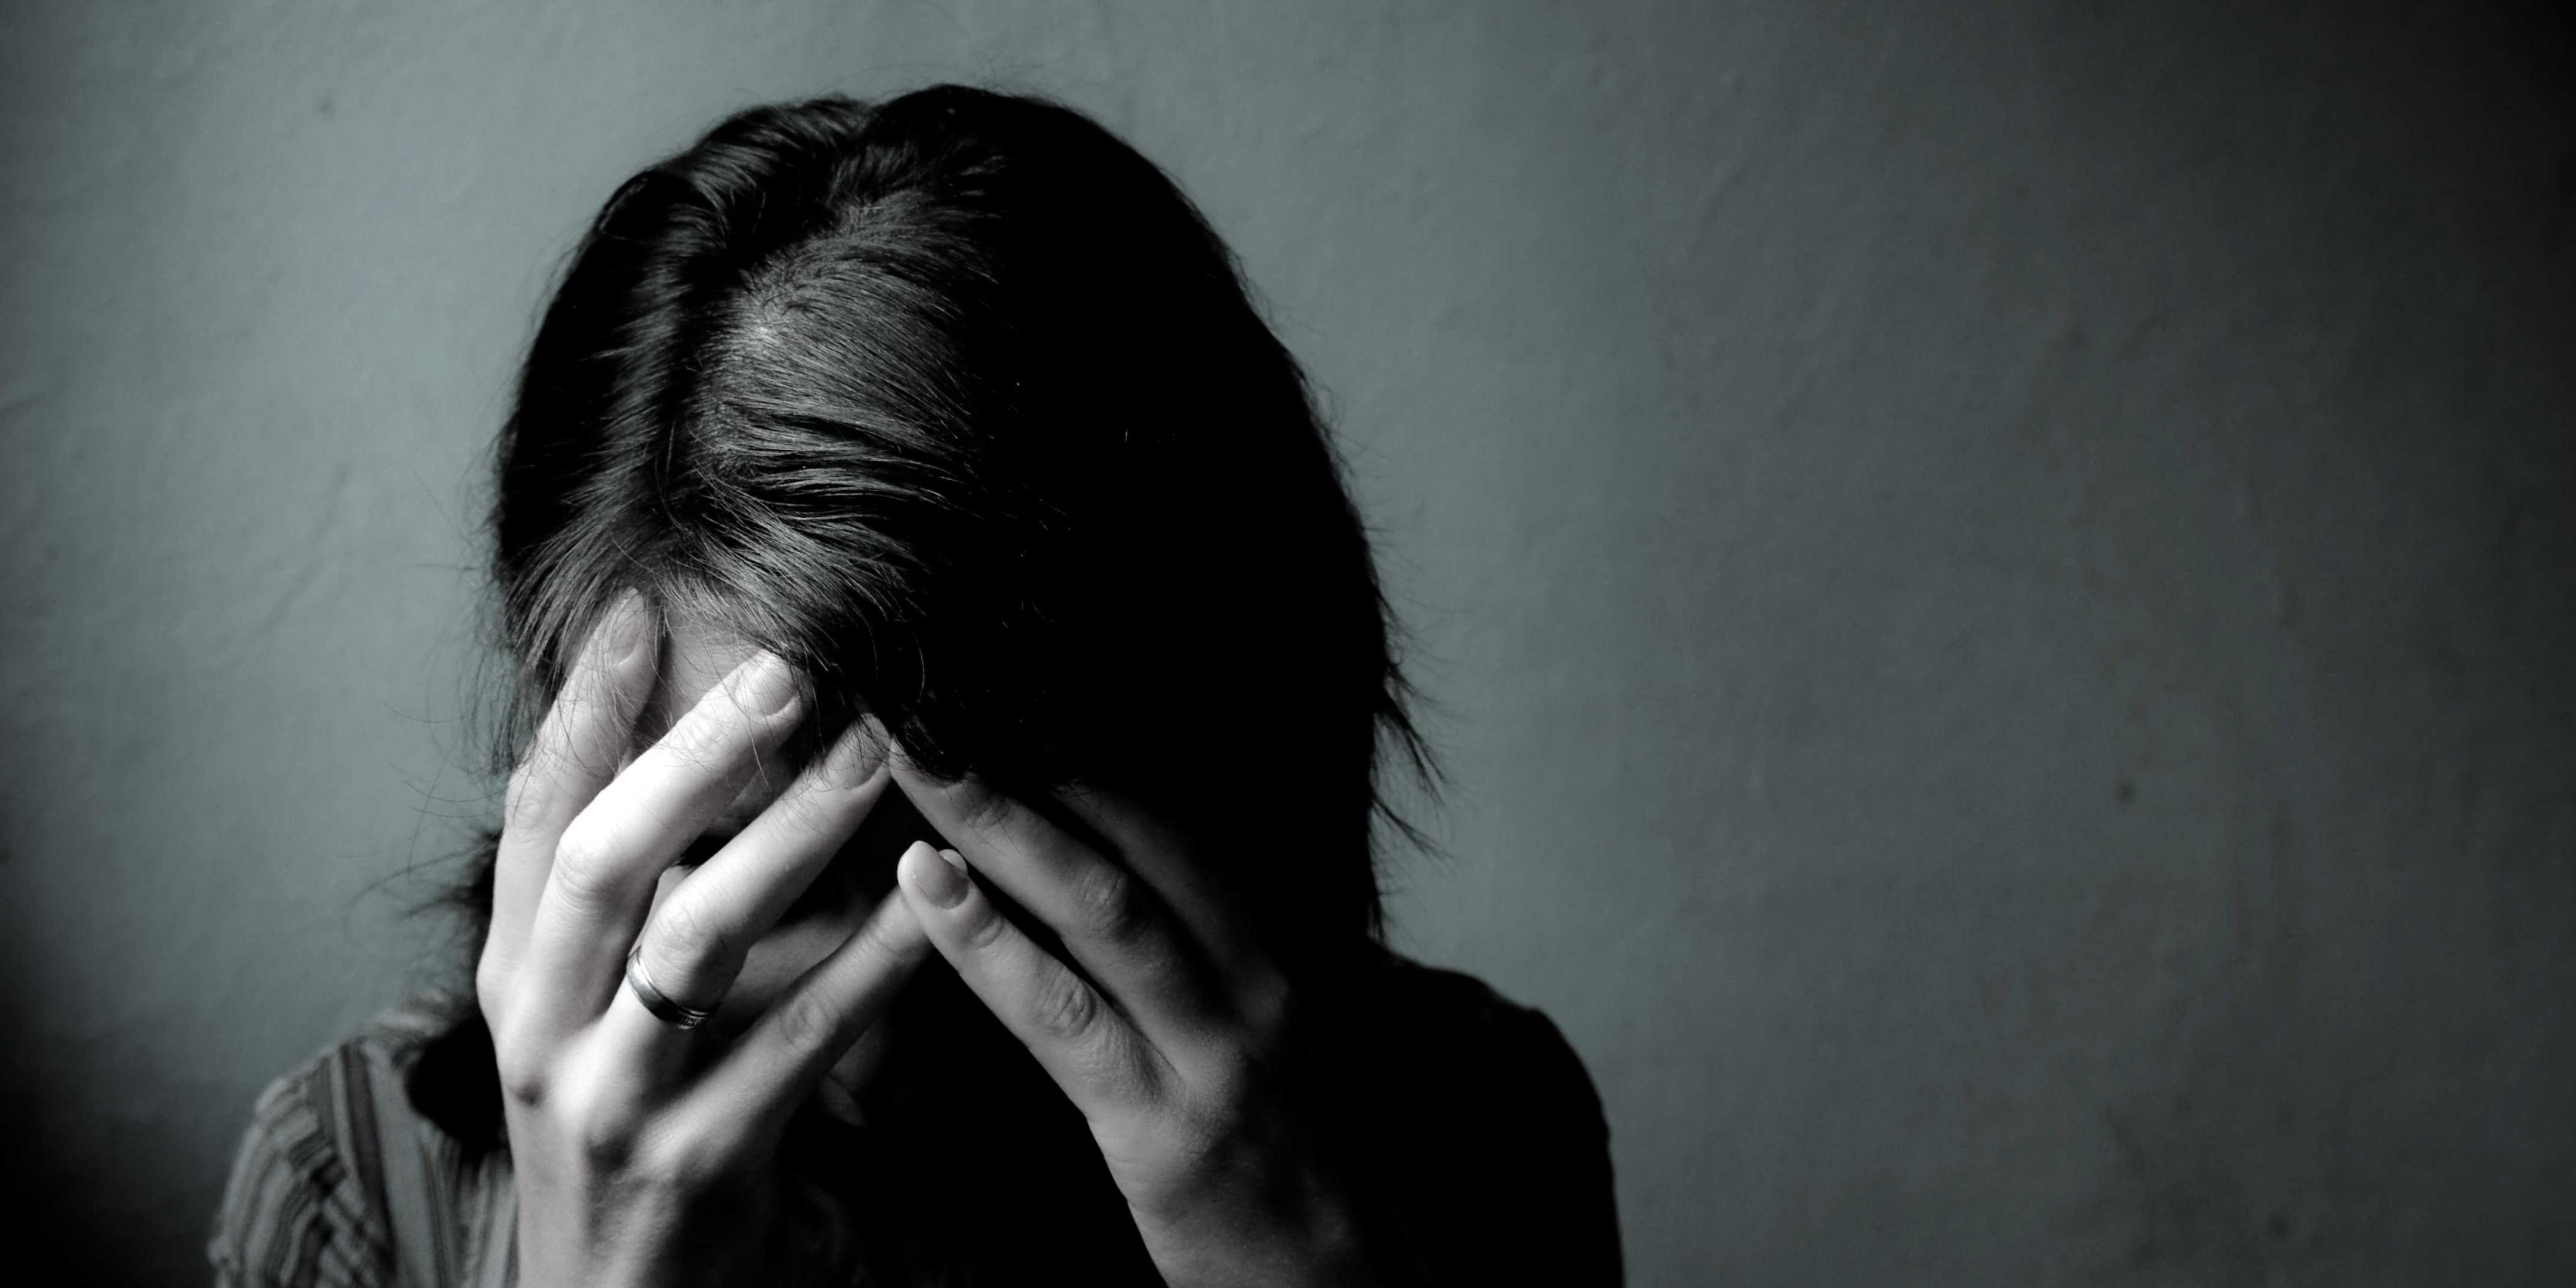 بالصور اعراض الاكتئاب , اسباب الاكتئاب واعراضه وطرق علاجه 3332 3